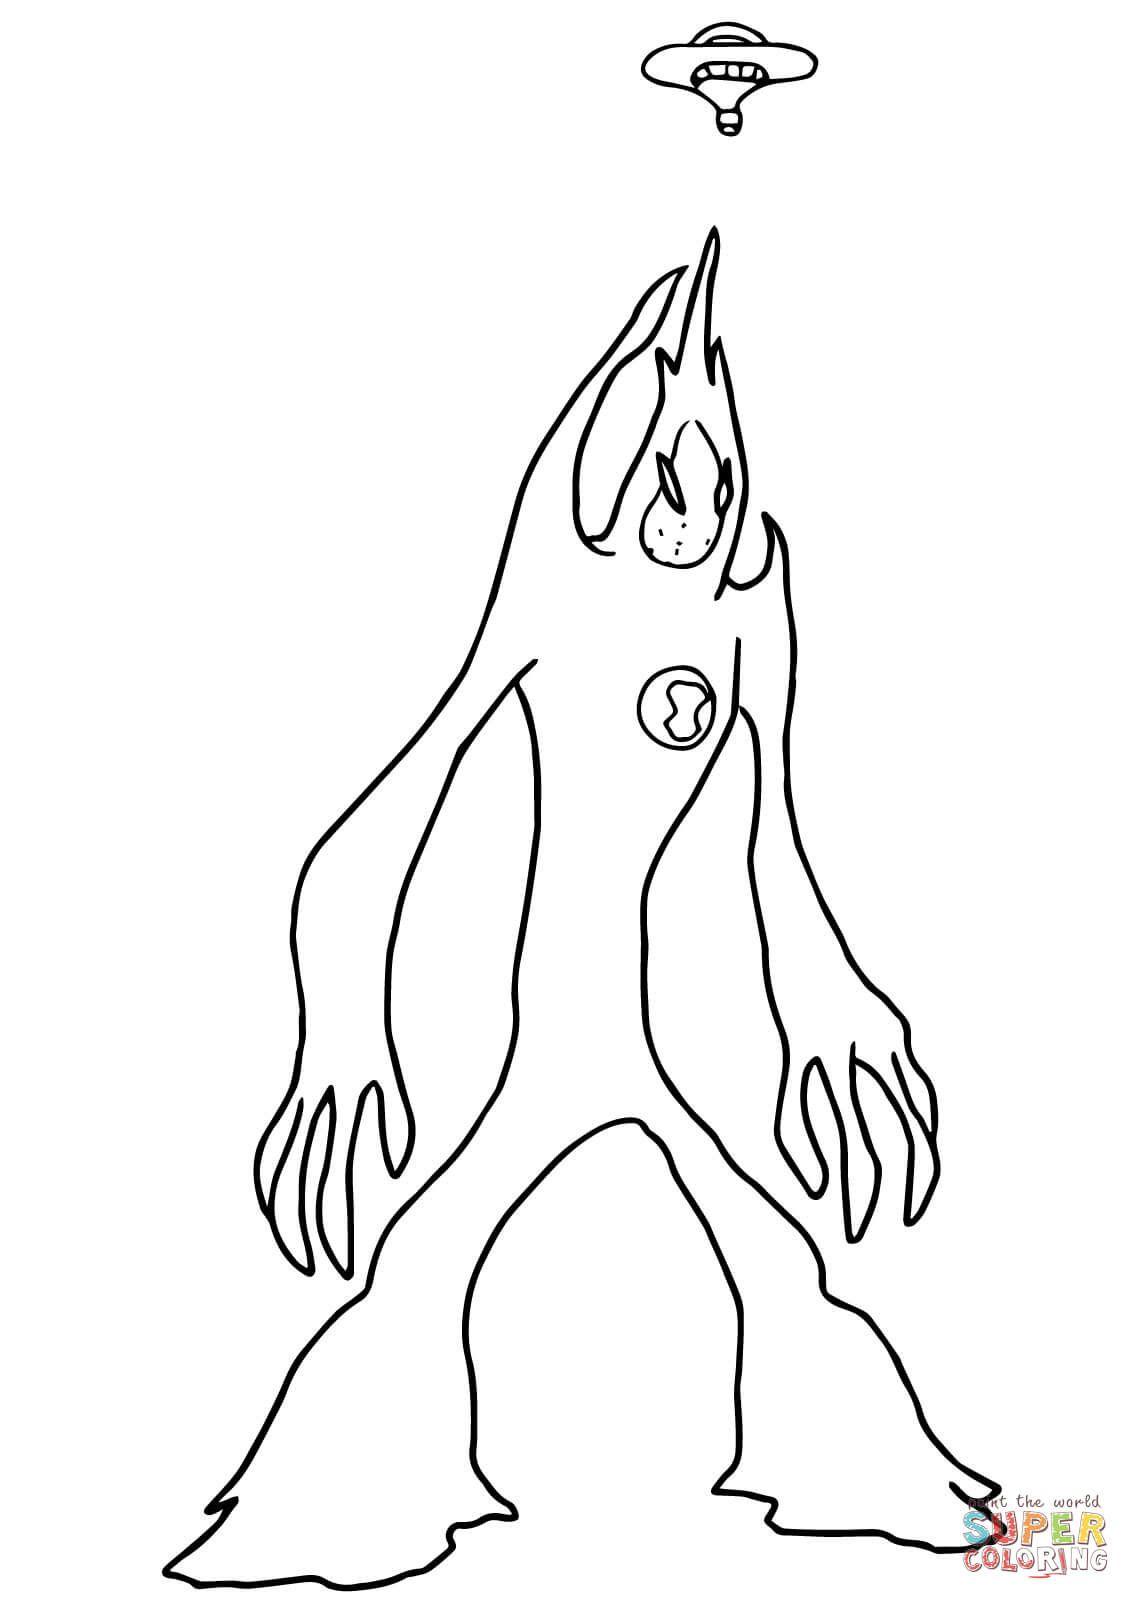 Dibujo De Ameba De Ben 10 Fuerza Alienigena Para Colorear Dibujos Para Colorear Imprimir Gratis Ben 10 Para Colorear Paginas Para Colorear Libro De Colores